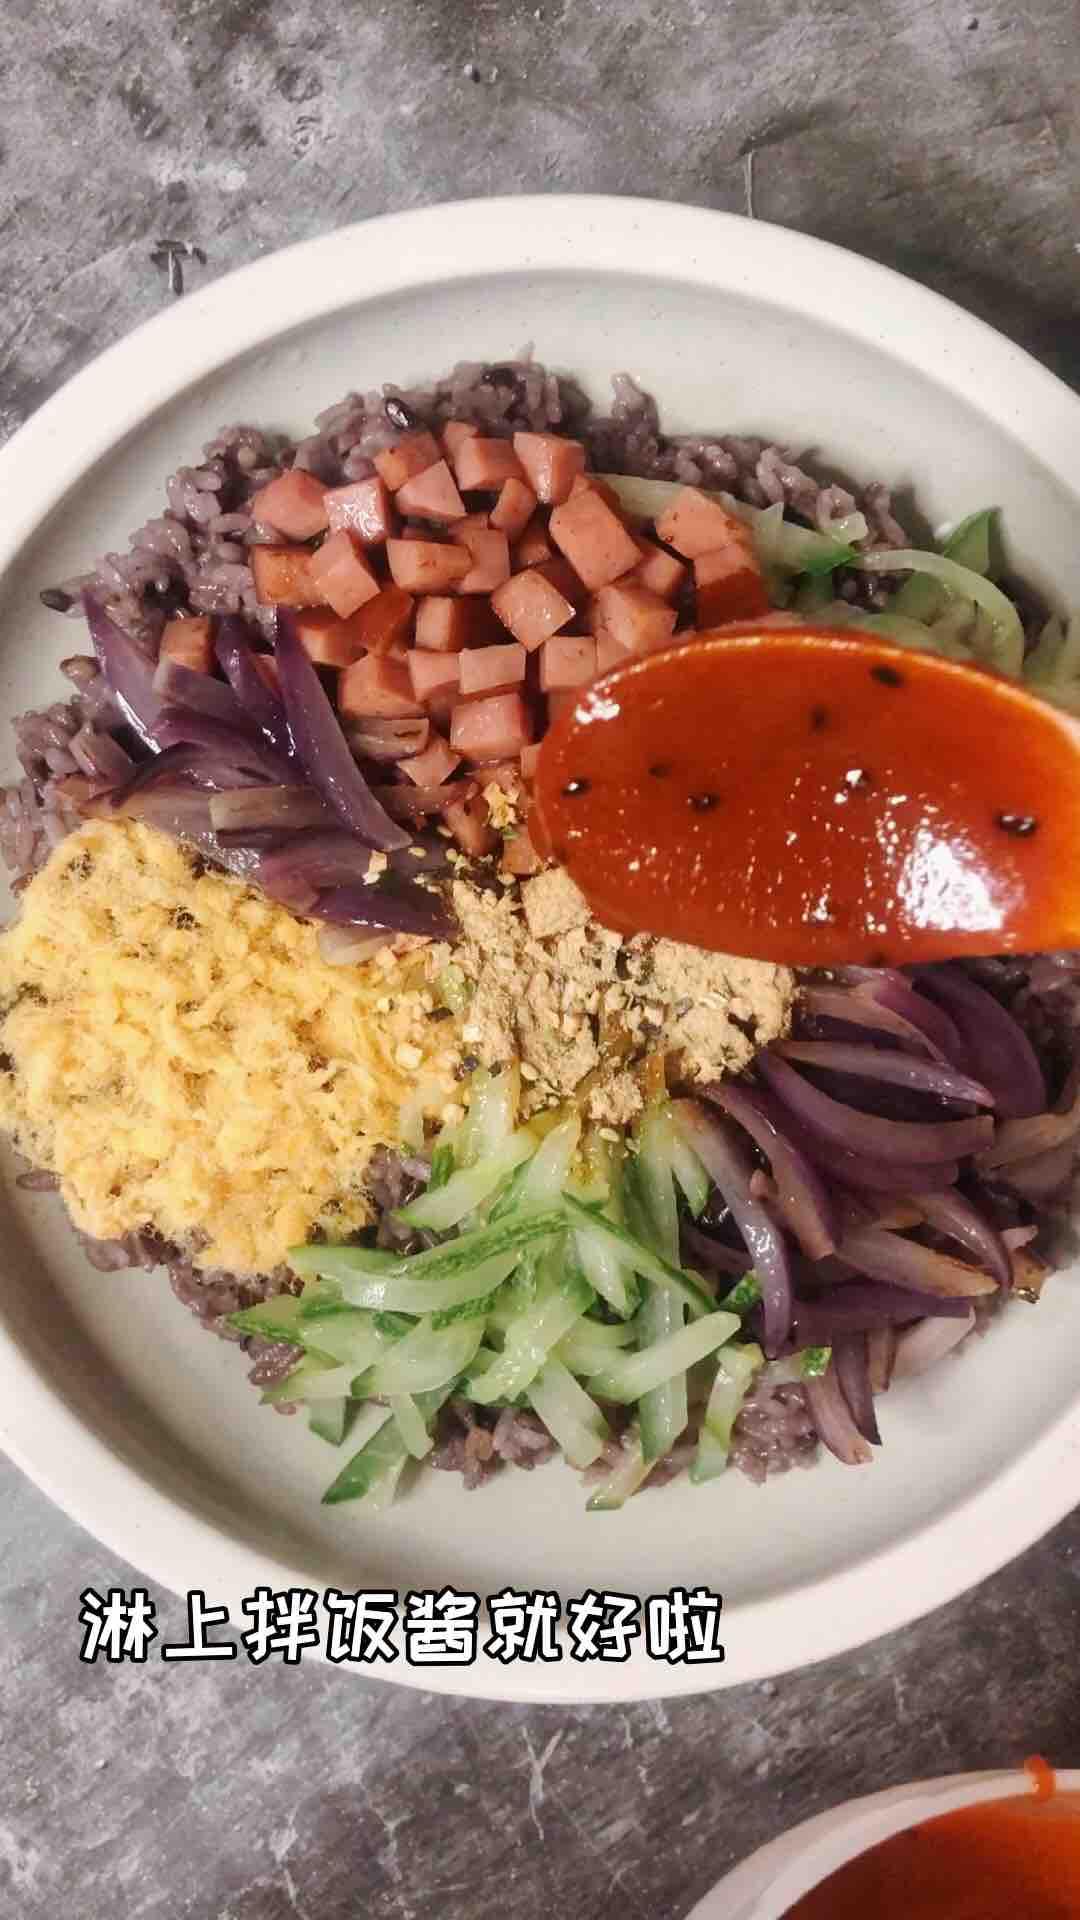 营养多谷米韩式拌饭怎么炒